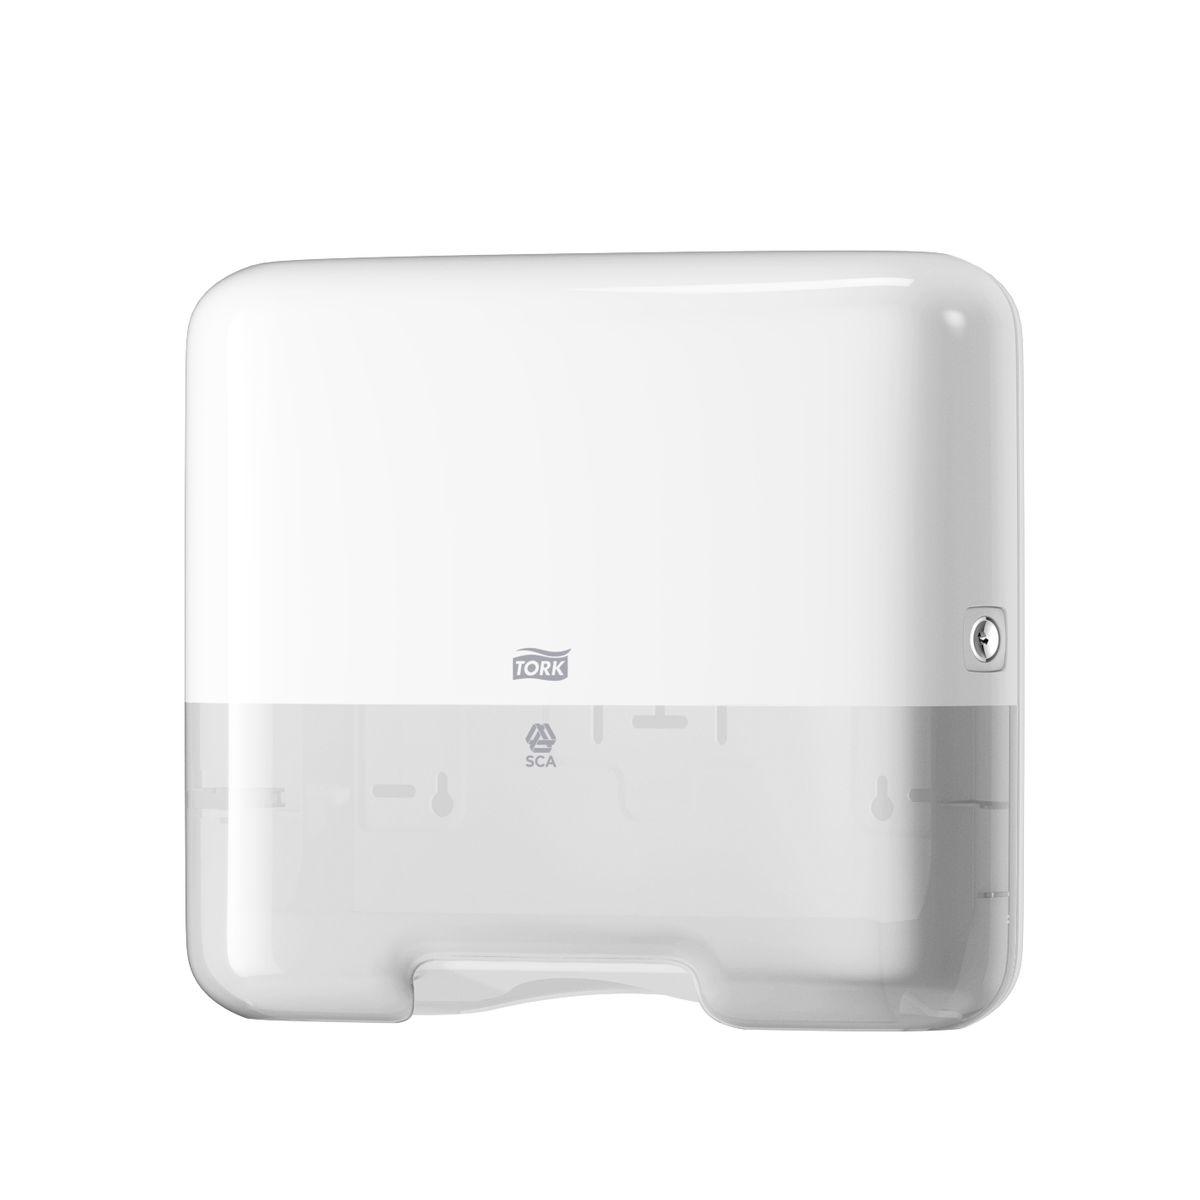 Держатель для бумажных полотенец Tork Cистема H3, цвет: белый553100Диспенсер для бумажных полотенец Tork - миниатюрный держатель для полотенец. Диспенсер изготовлен с применением экологичных технологий.Материал корпуса - белый ударопрочный пластик. Вмещает 1,5 пачки полотенец и подходит для помещений с малой проходимостью. Открывается единым металлическим ключом.В комплекте поставляются крепежные элементы и лекало для установки. Оборудован окном для контроля количества оставшихся полотенец. Диспенсер открывается при помощи ключа.